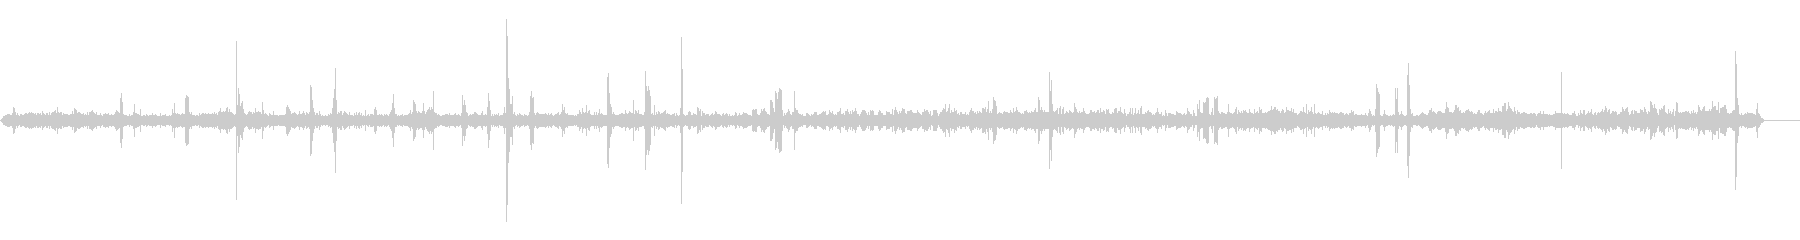 鳥2の未再生の波形